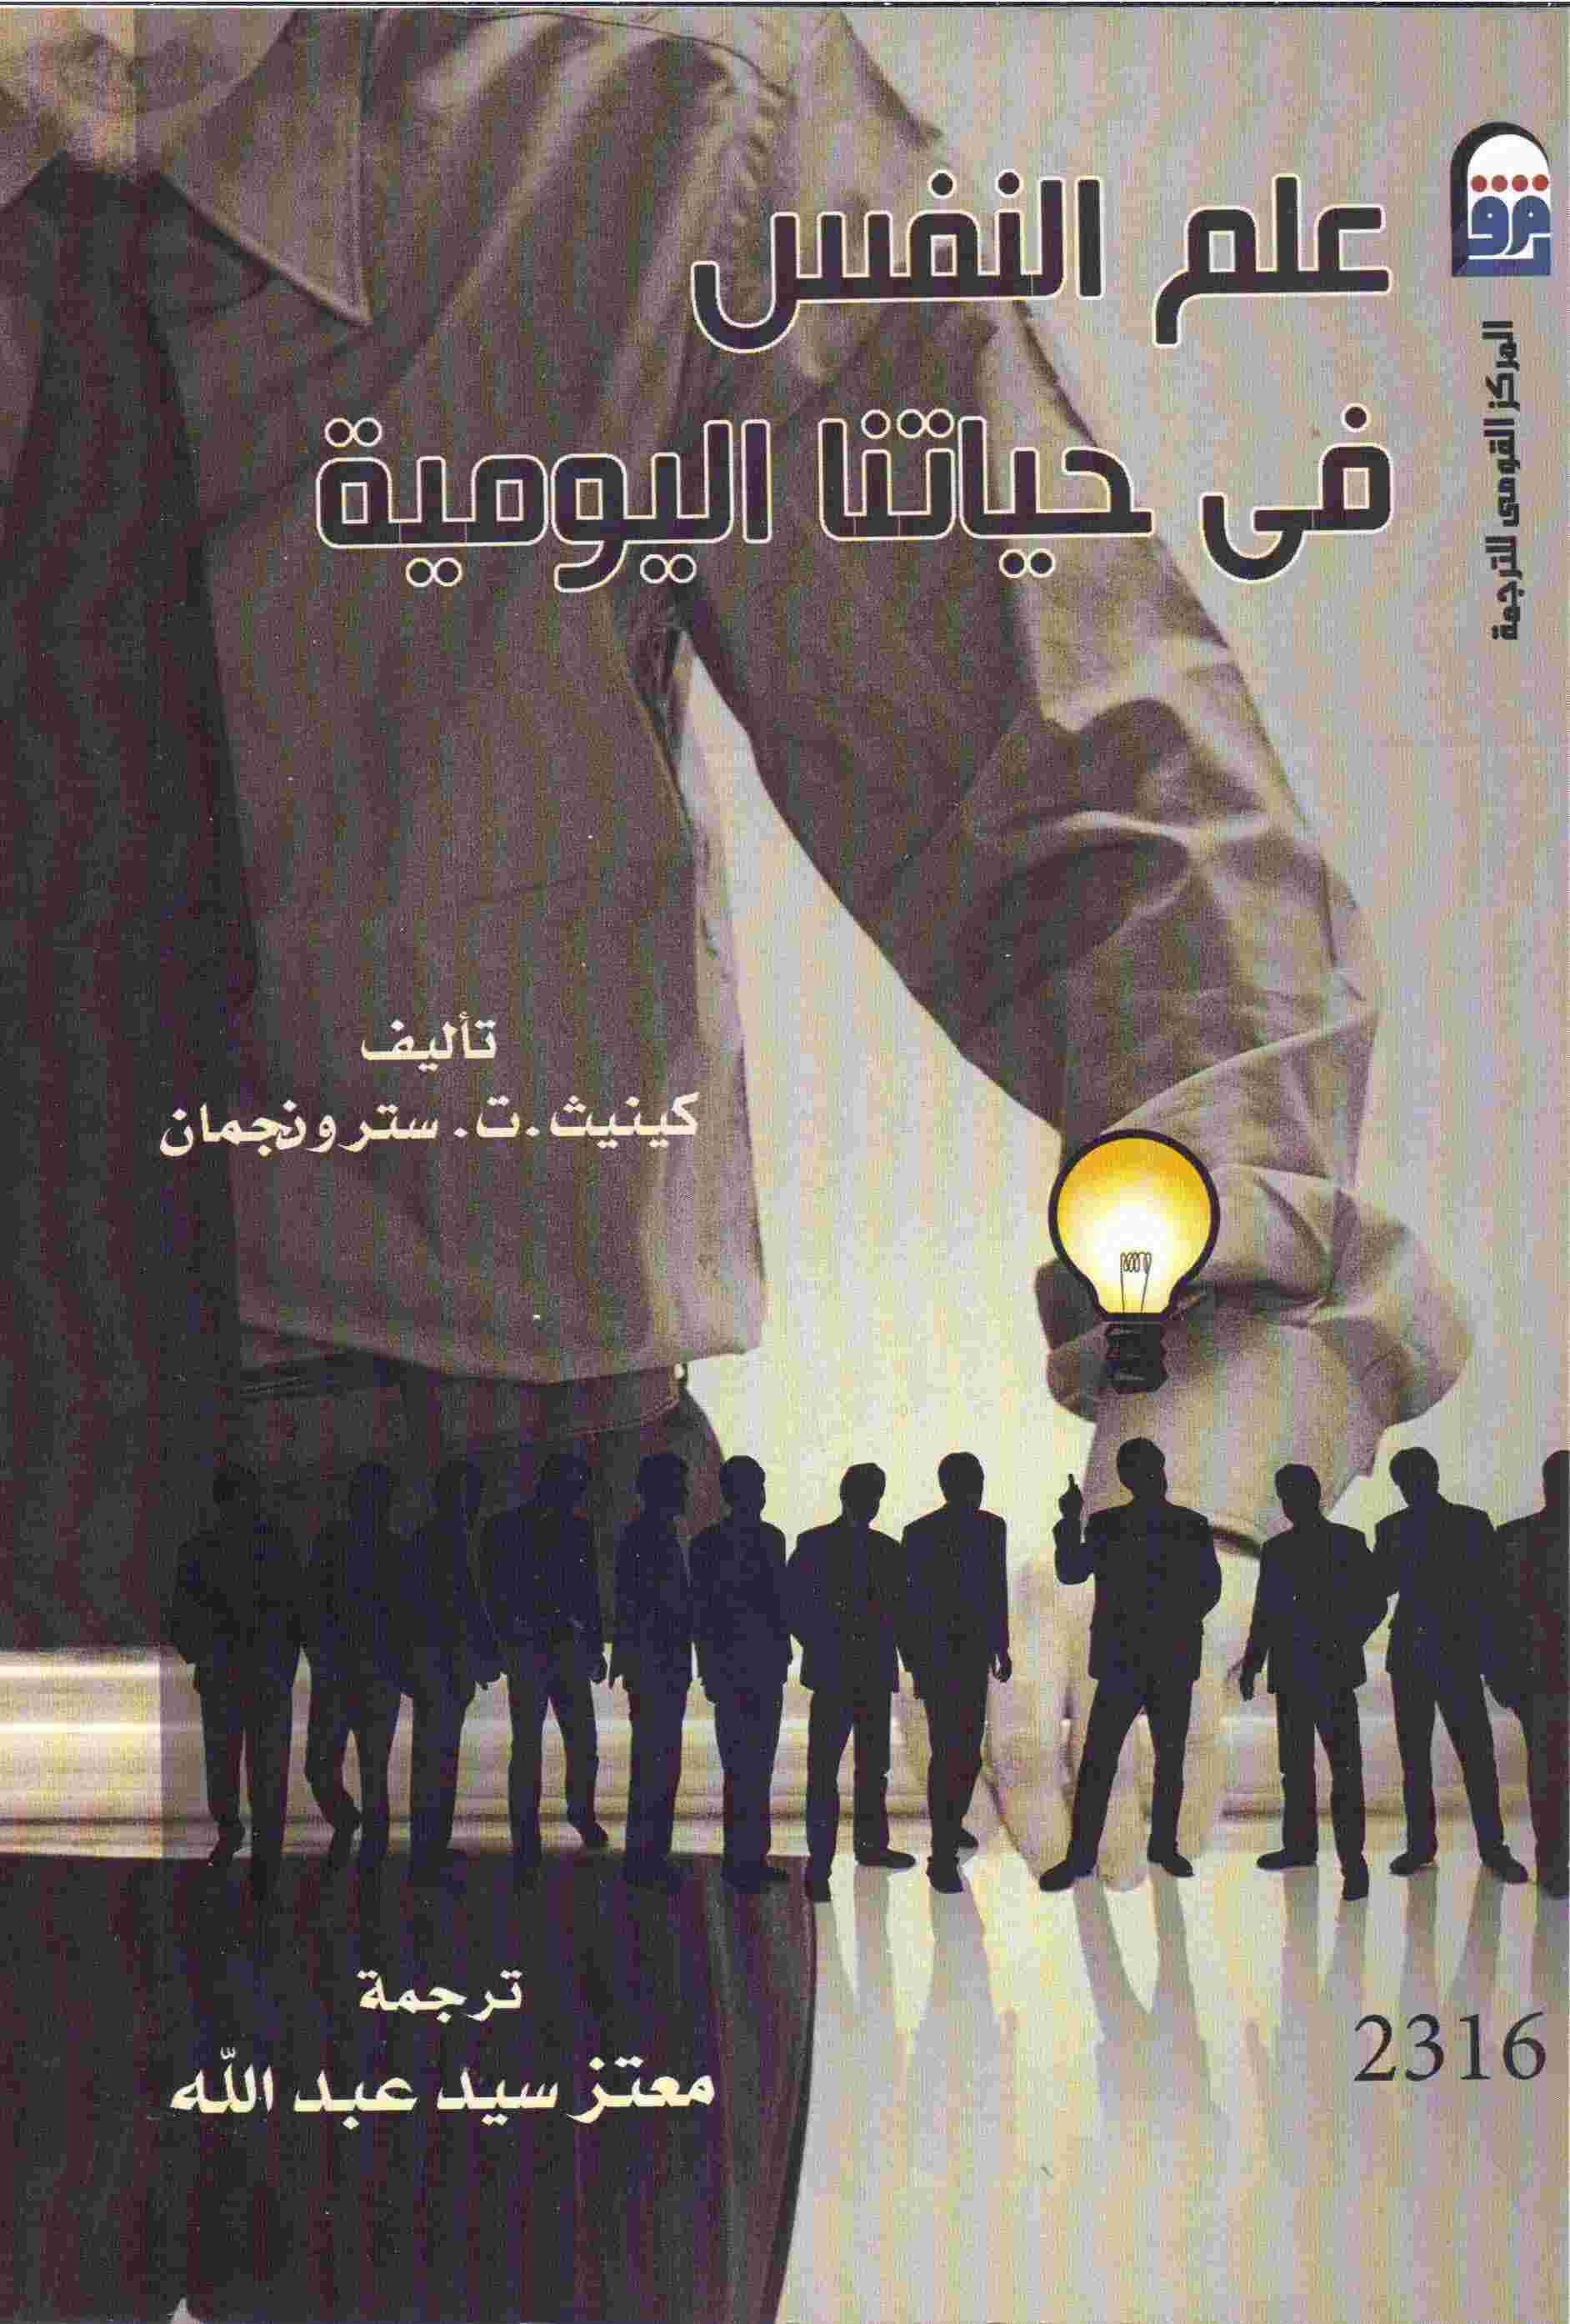 علم النفس فى حياتنا اليومية كينيث سترونجمان معتز سيد عبد الله Oo_ooi12